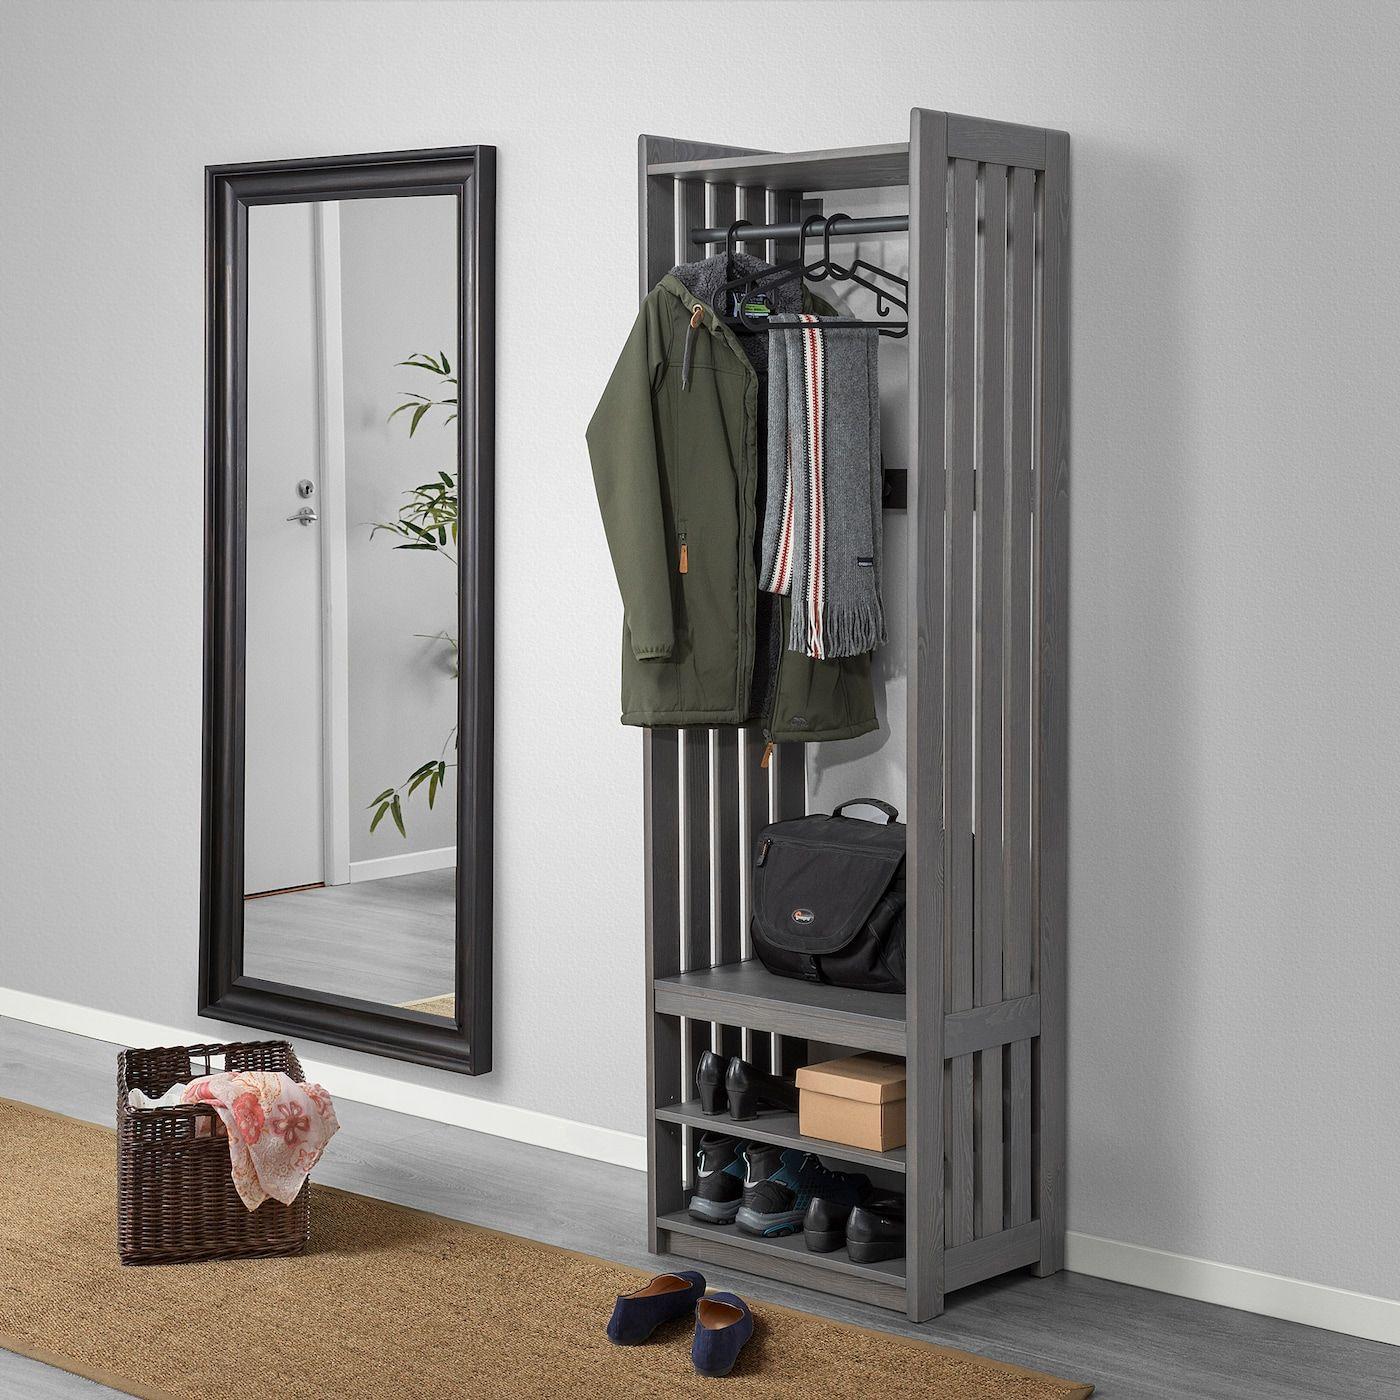 panget coat rack with shoe storage unit